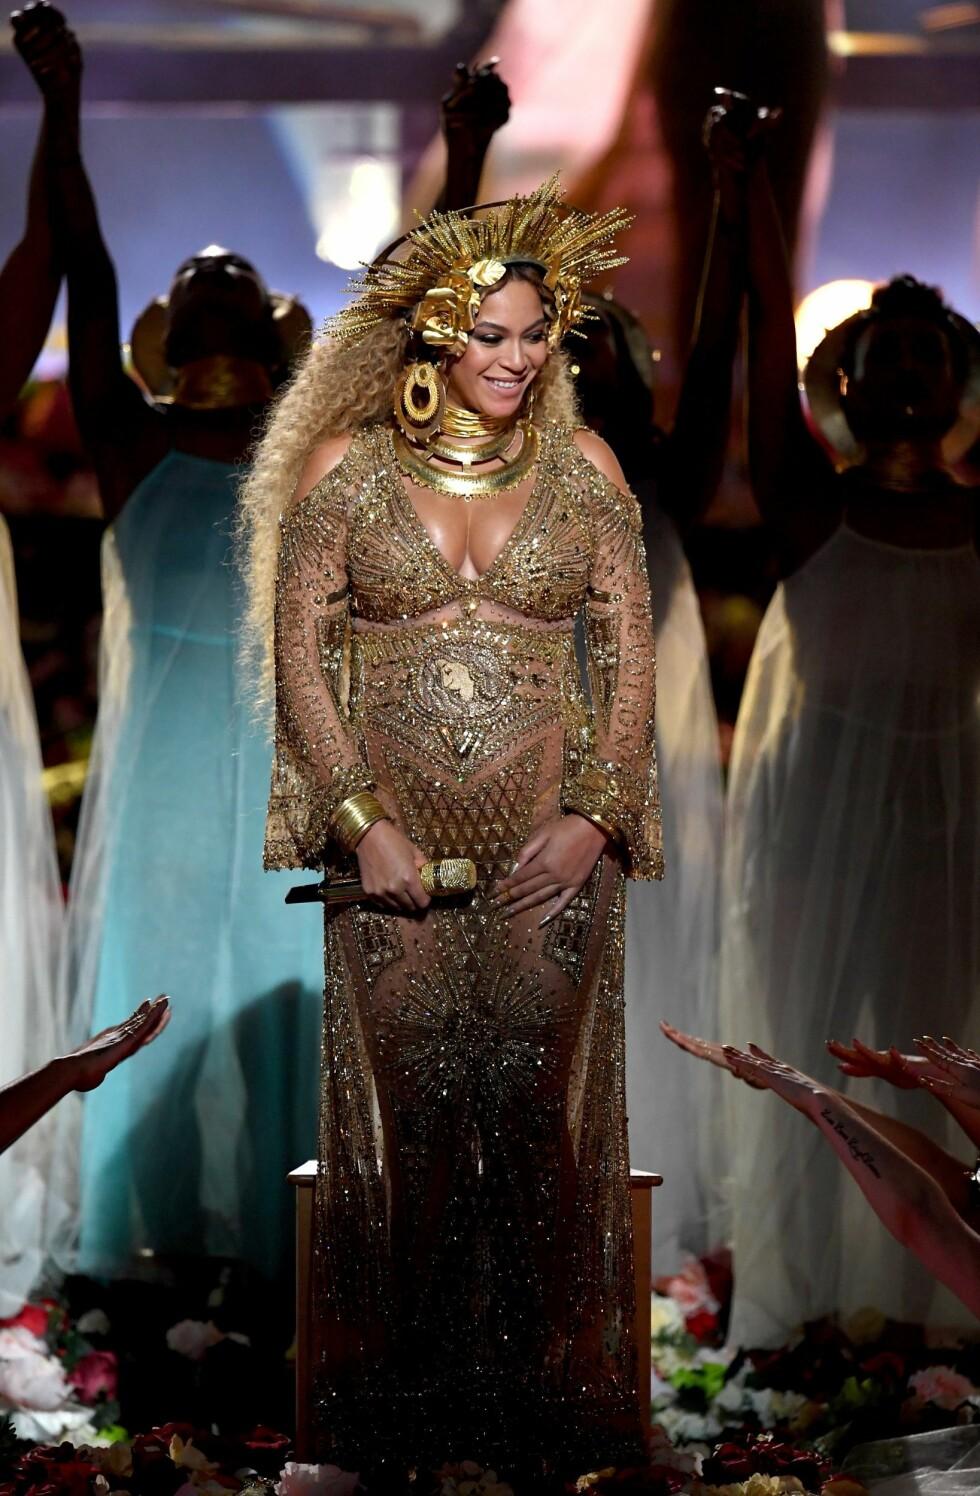 GRAMMY AWARDS: Publikum i full jubel for Beyonce. Foto: AFP